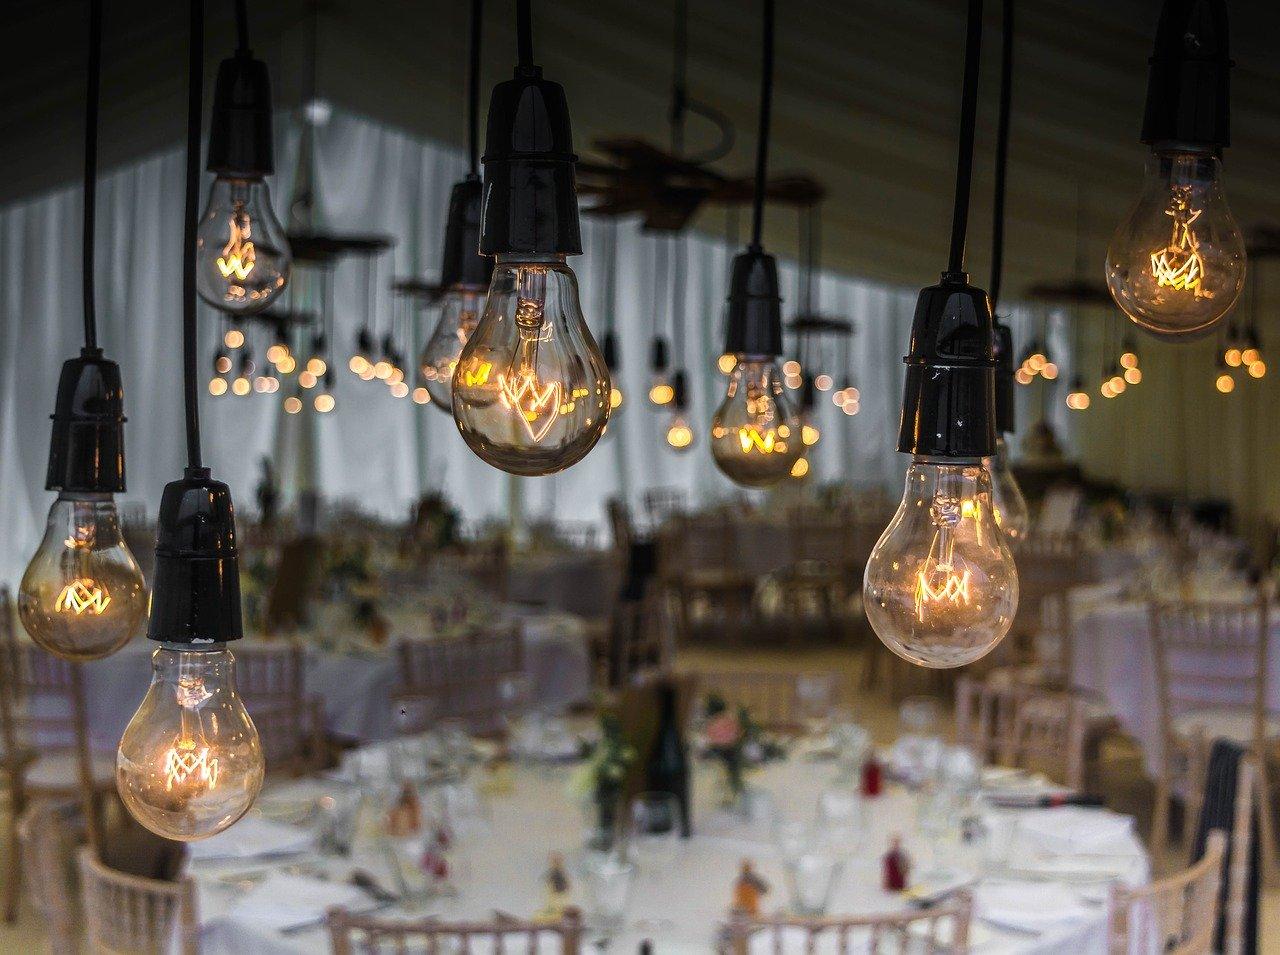 תאורה יפה באירוע